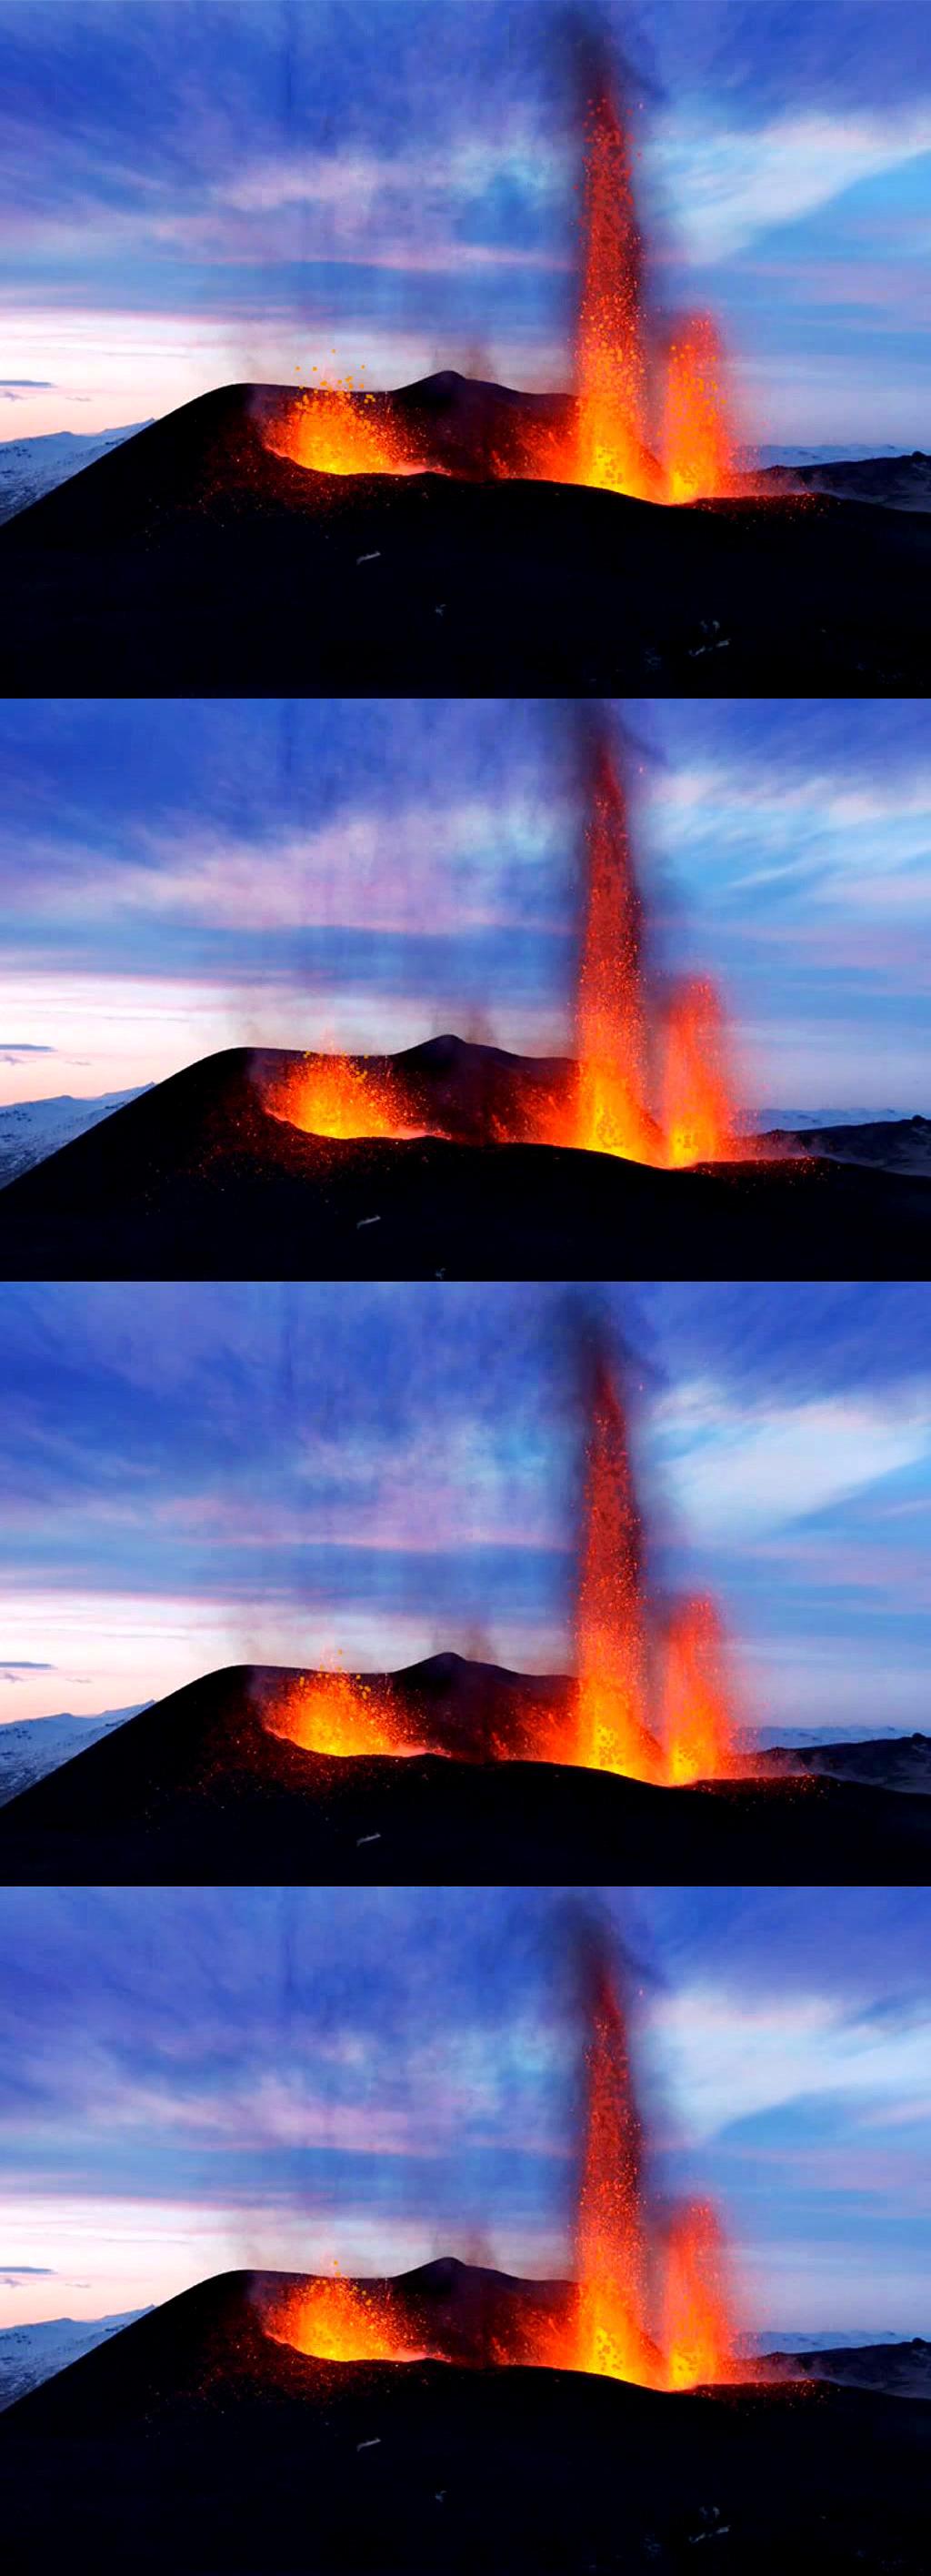 高清火山喷发岩浆翻滚视频模板下载(图片编号:)_动态